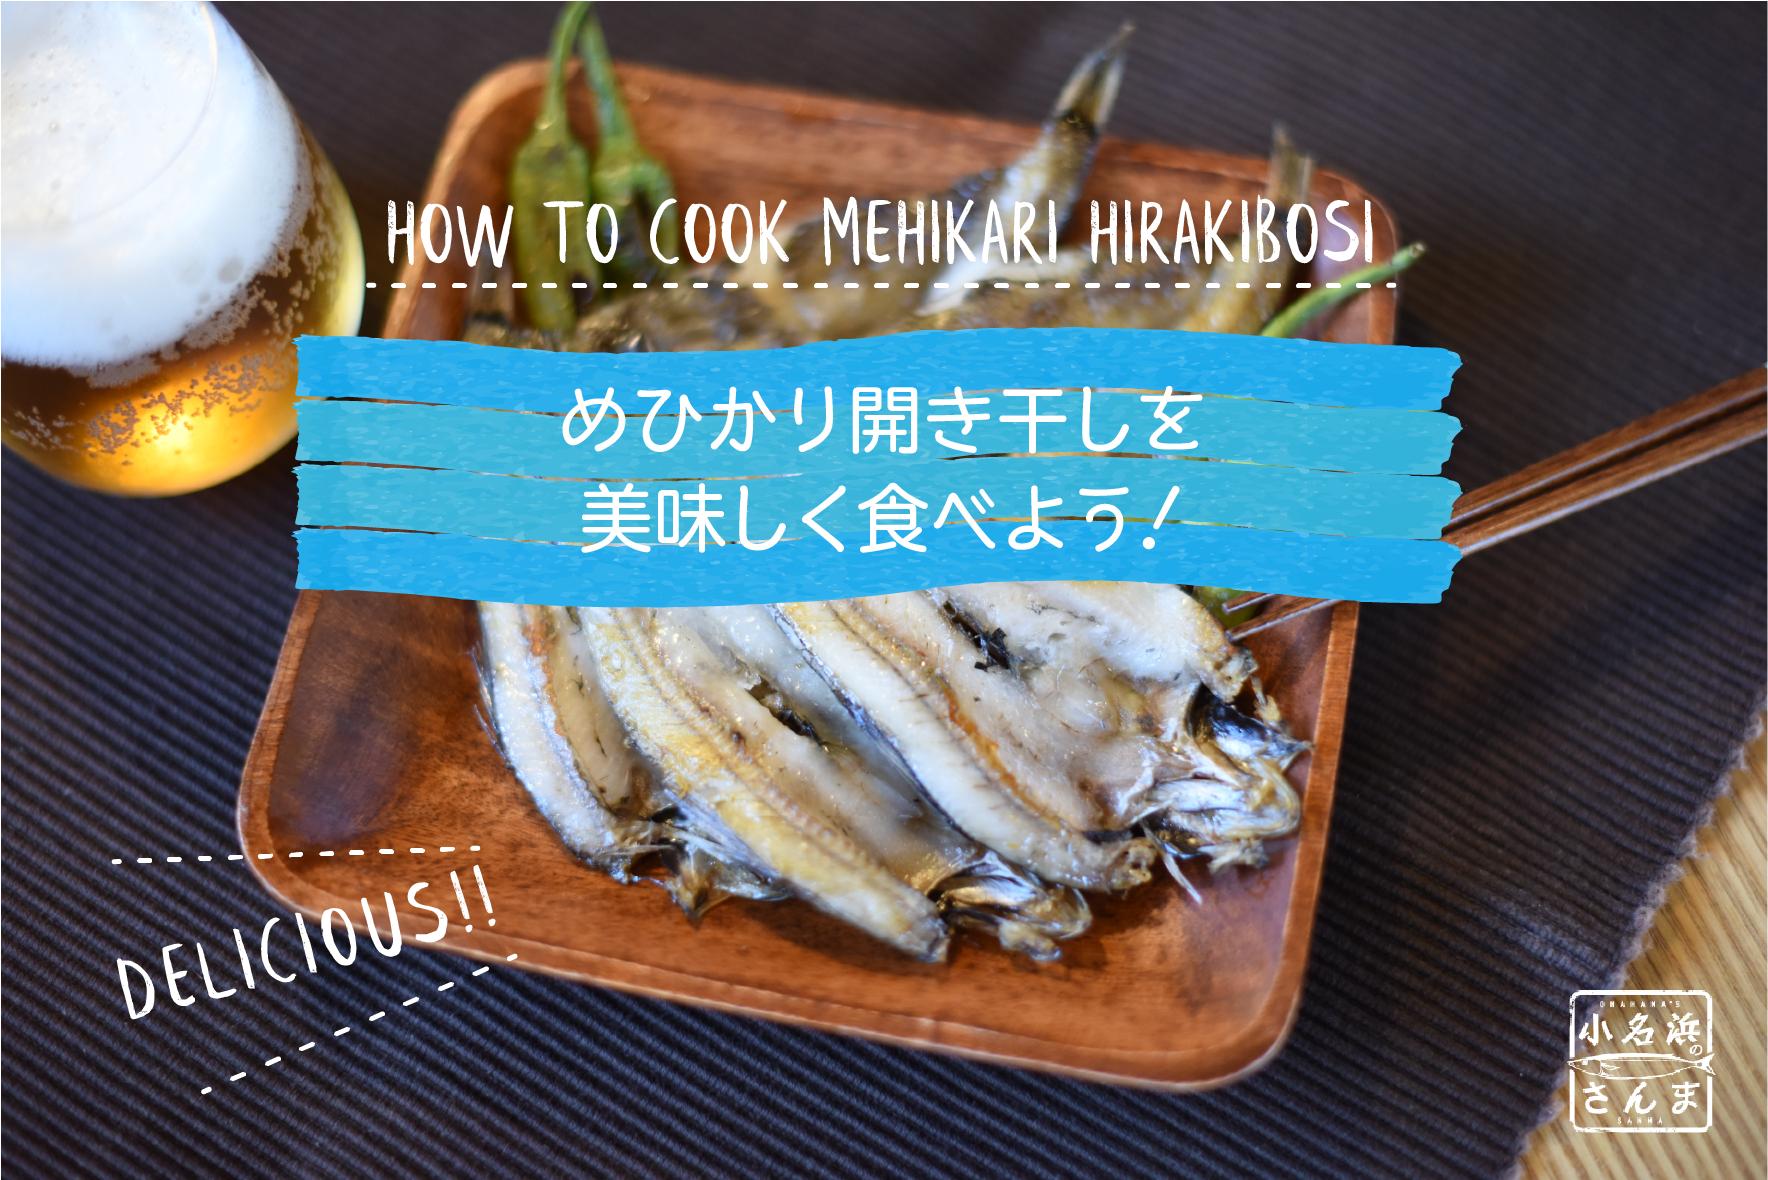 メヒカリ開き干しを美味しく食べよう!